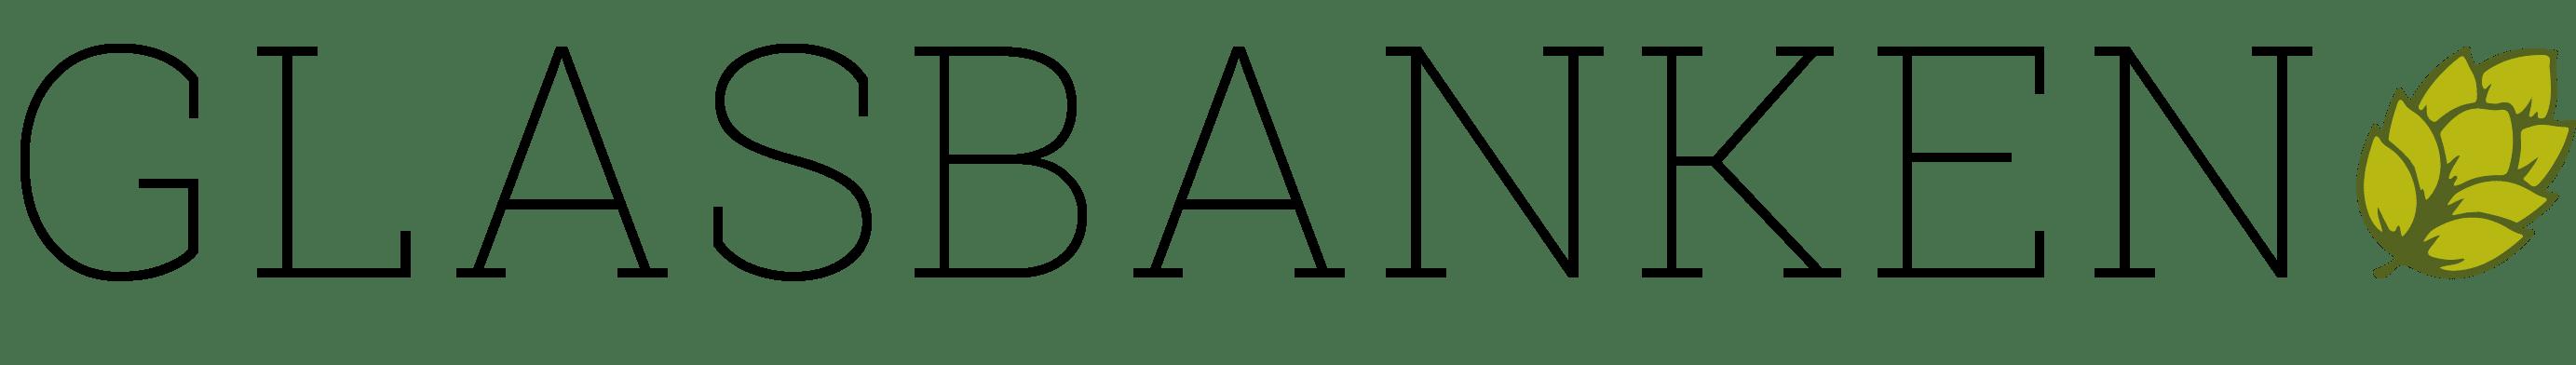 Glasbanken